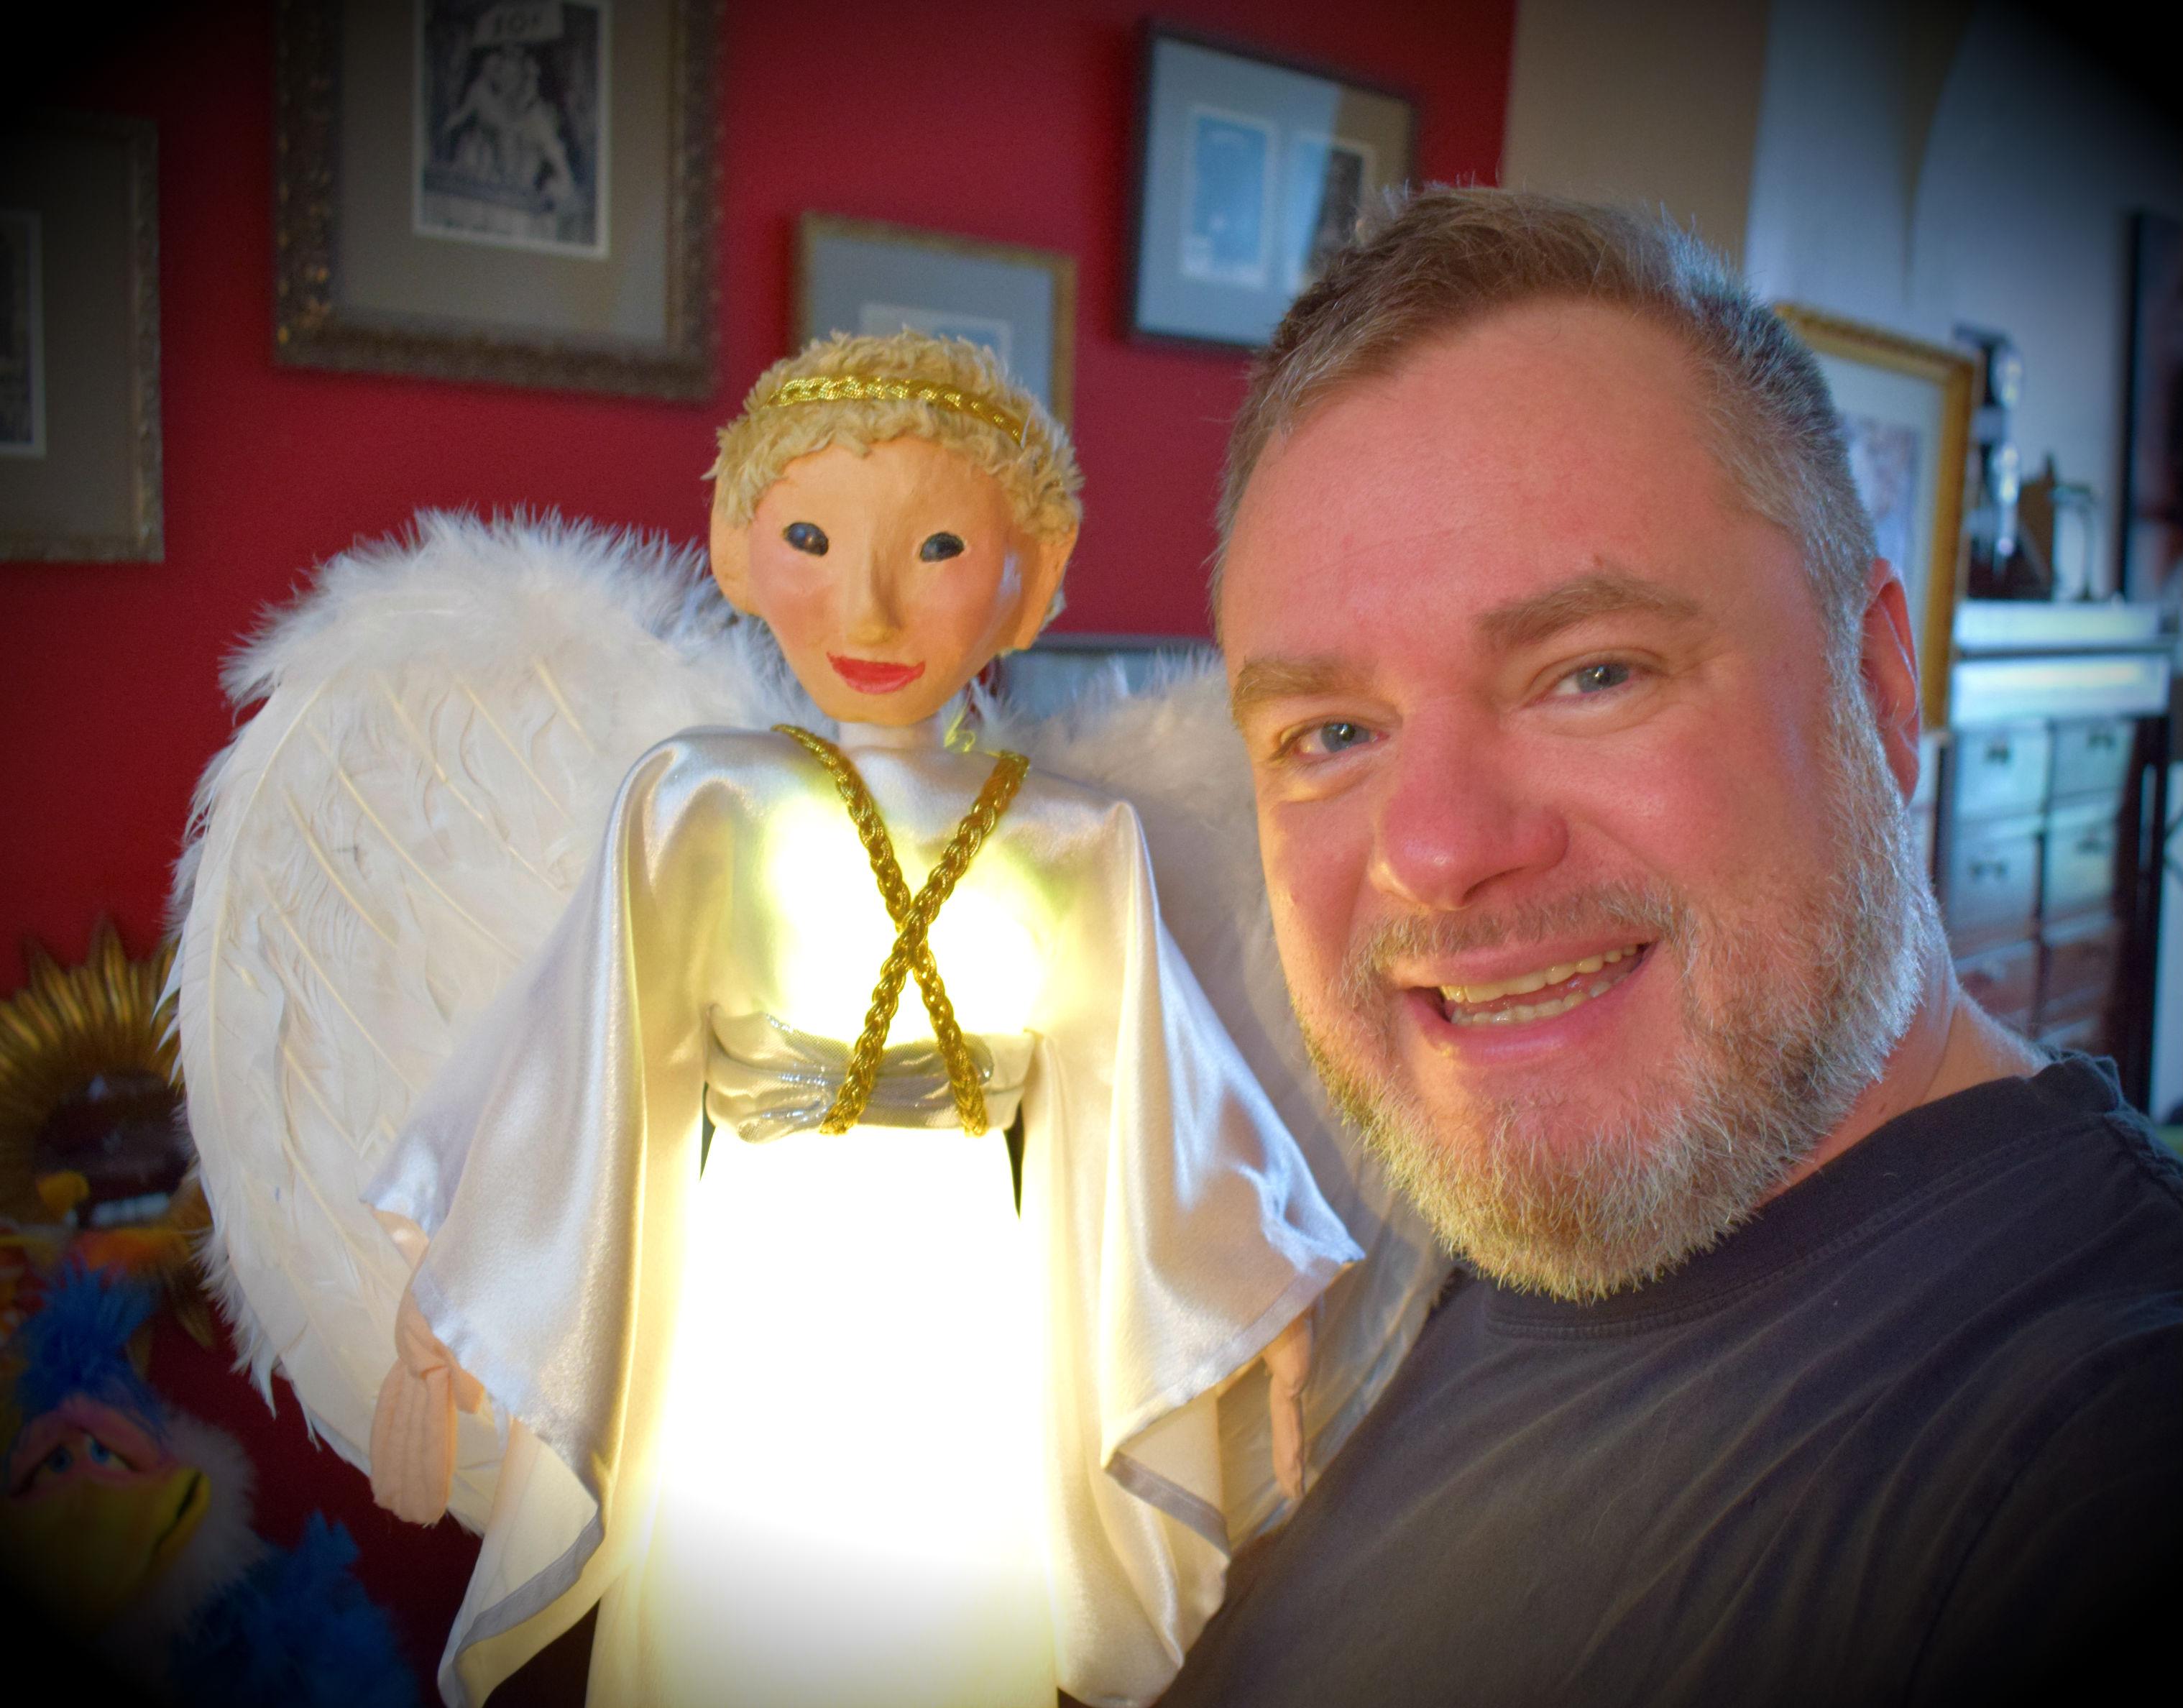 ange, marionnette, marionnettes, mentalisme, soirée, méditation angélique, spectacle, lille, enfants, adultes, conte, contes de fées, à domicile, magie, magique, niko, nico, puppets